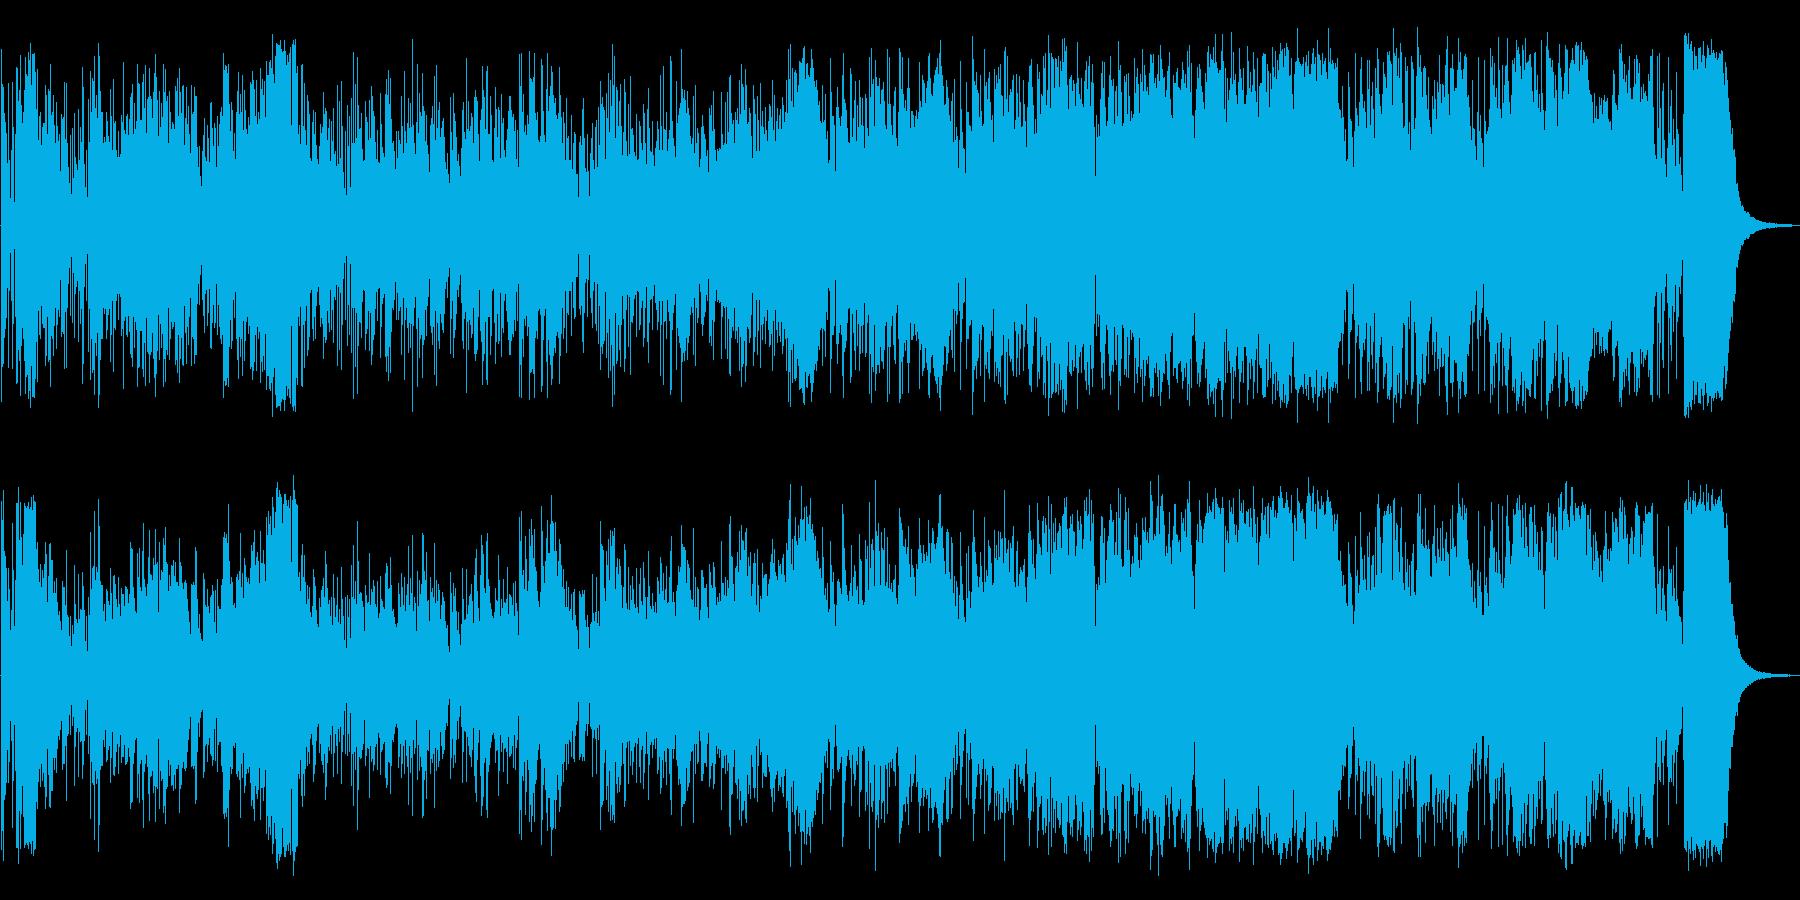 心華やぐかっこいいジャズの再生済みの波形